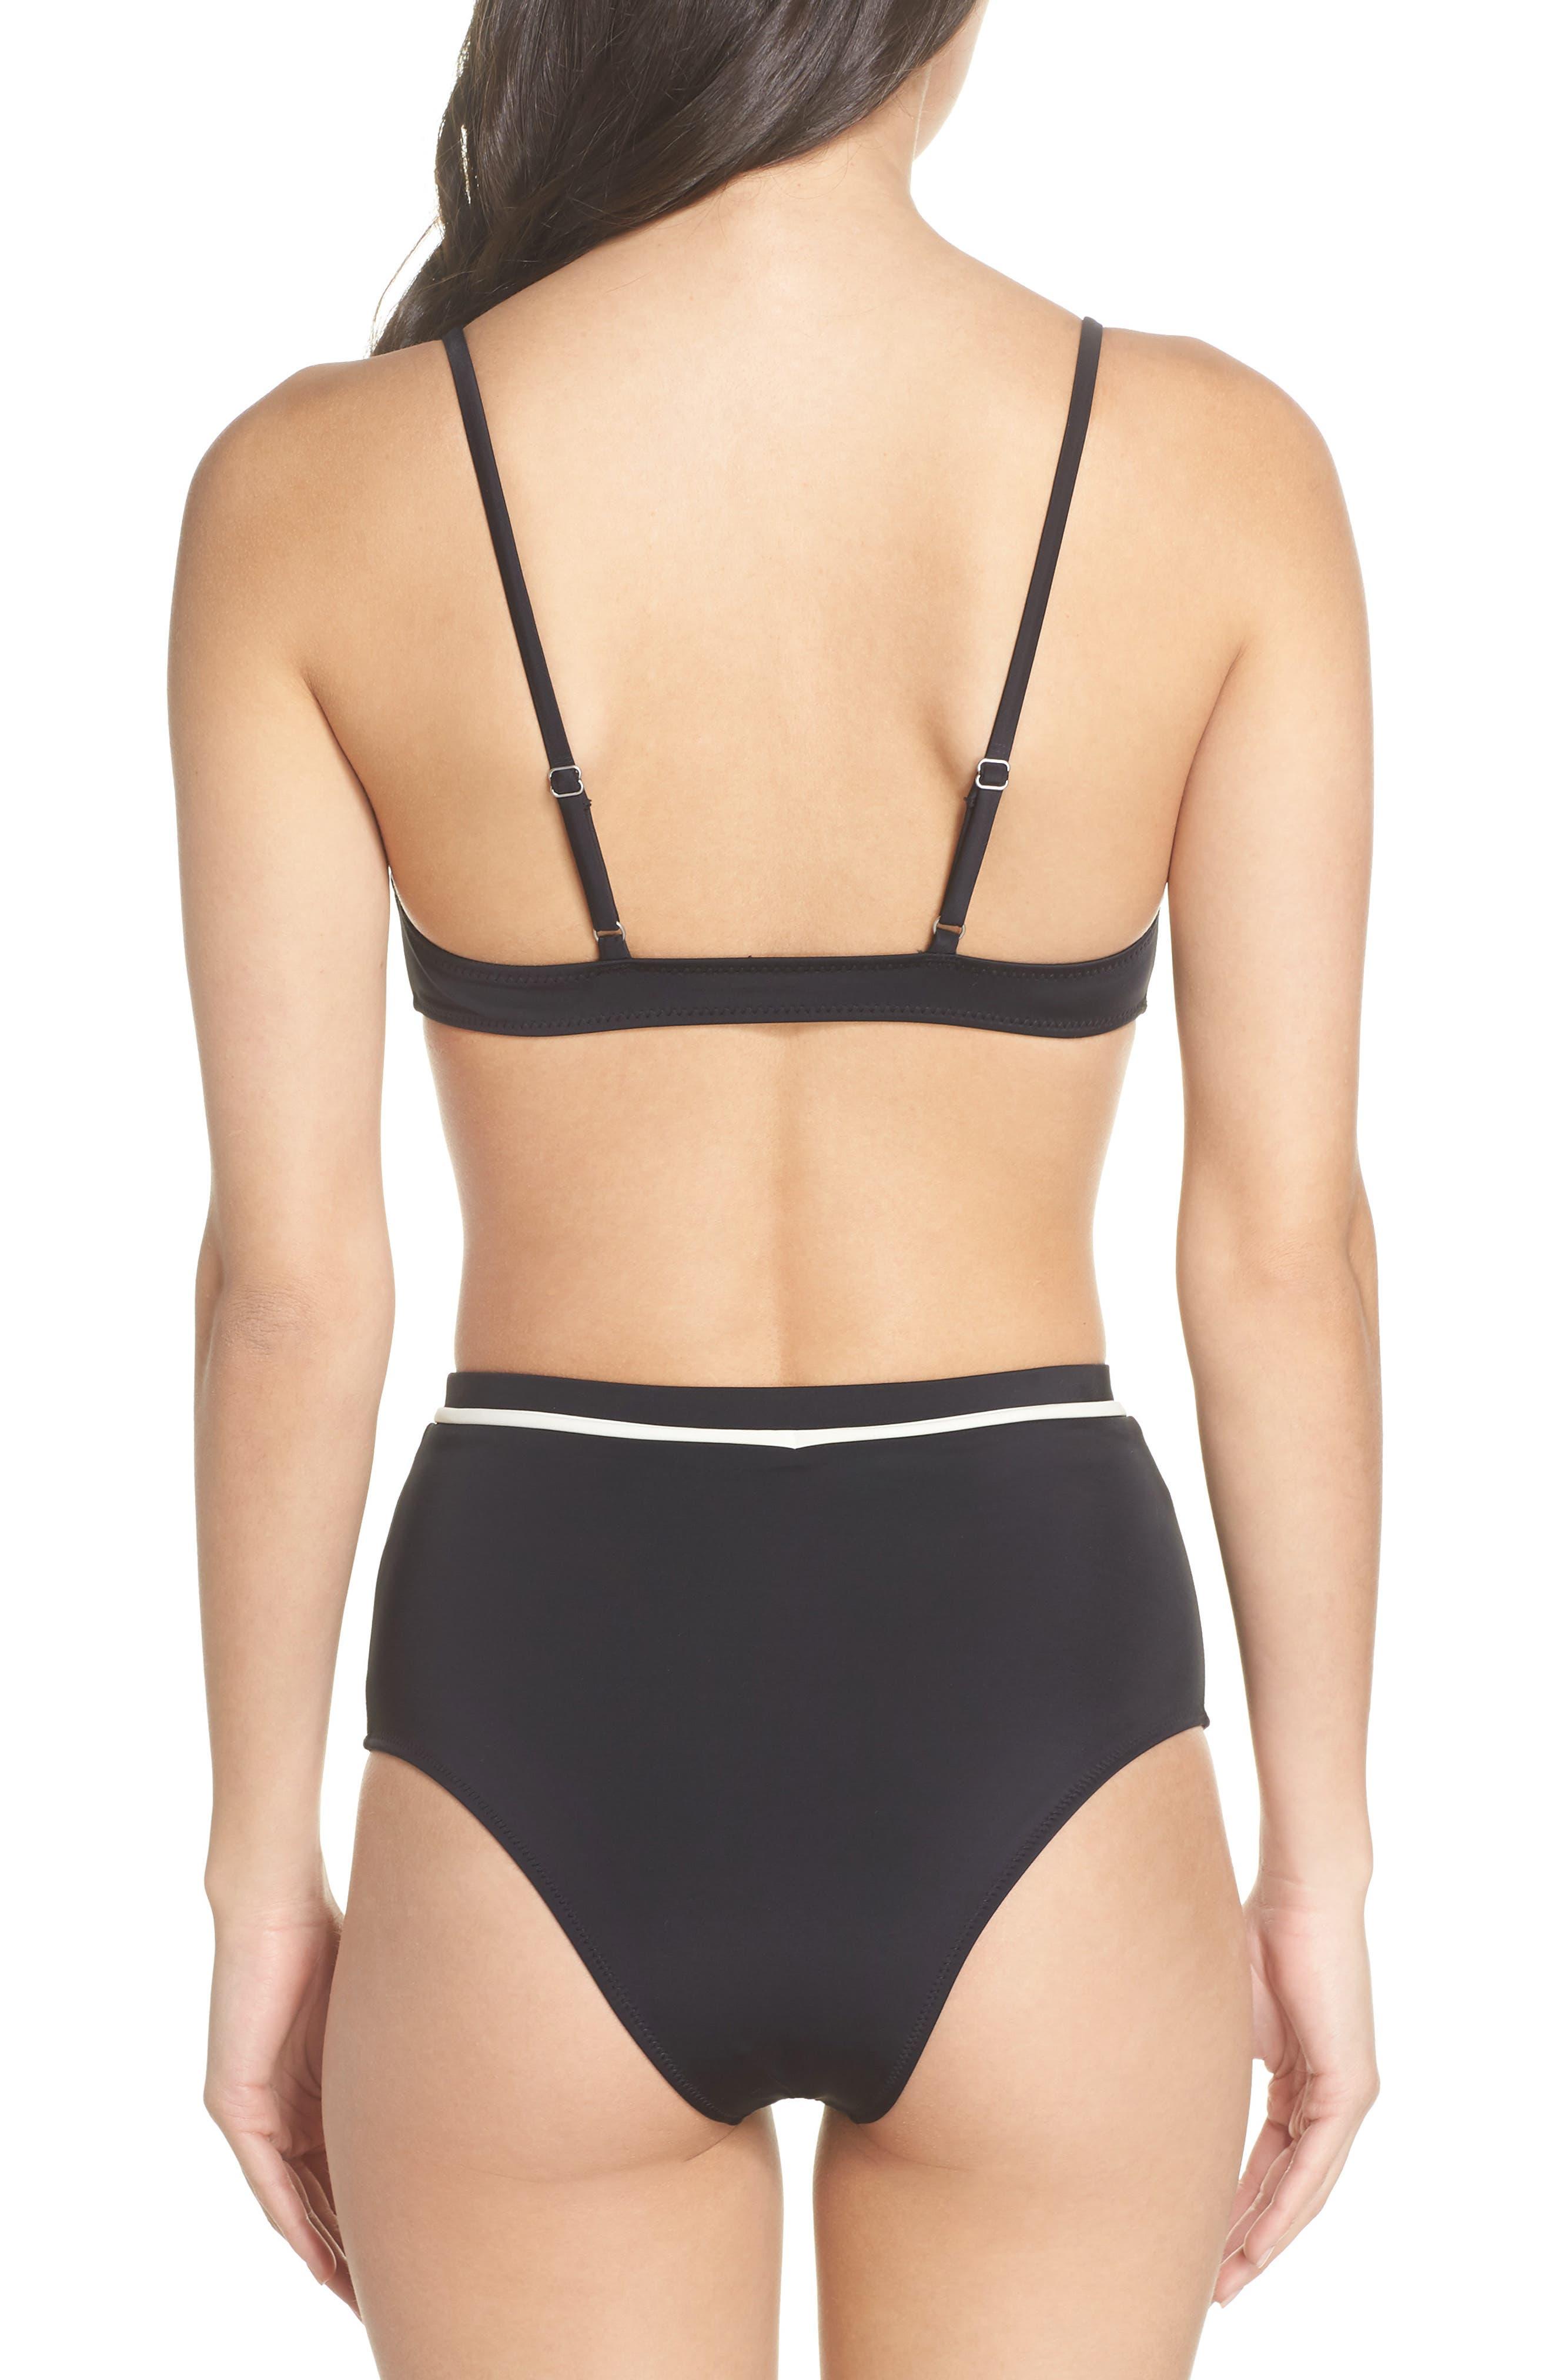 Cora Bikini Top,                             Alternate thumbnail 8, color,                             BLACK